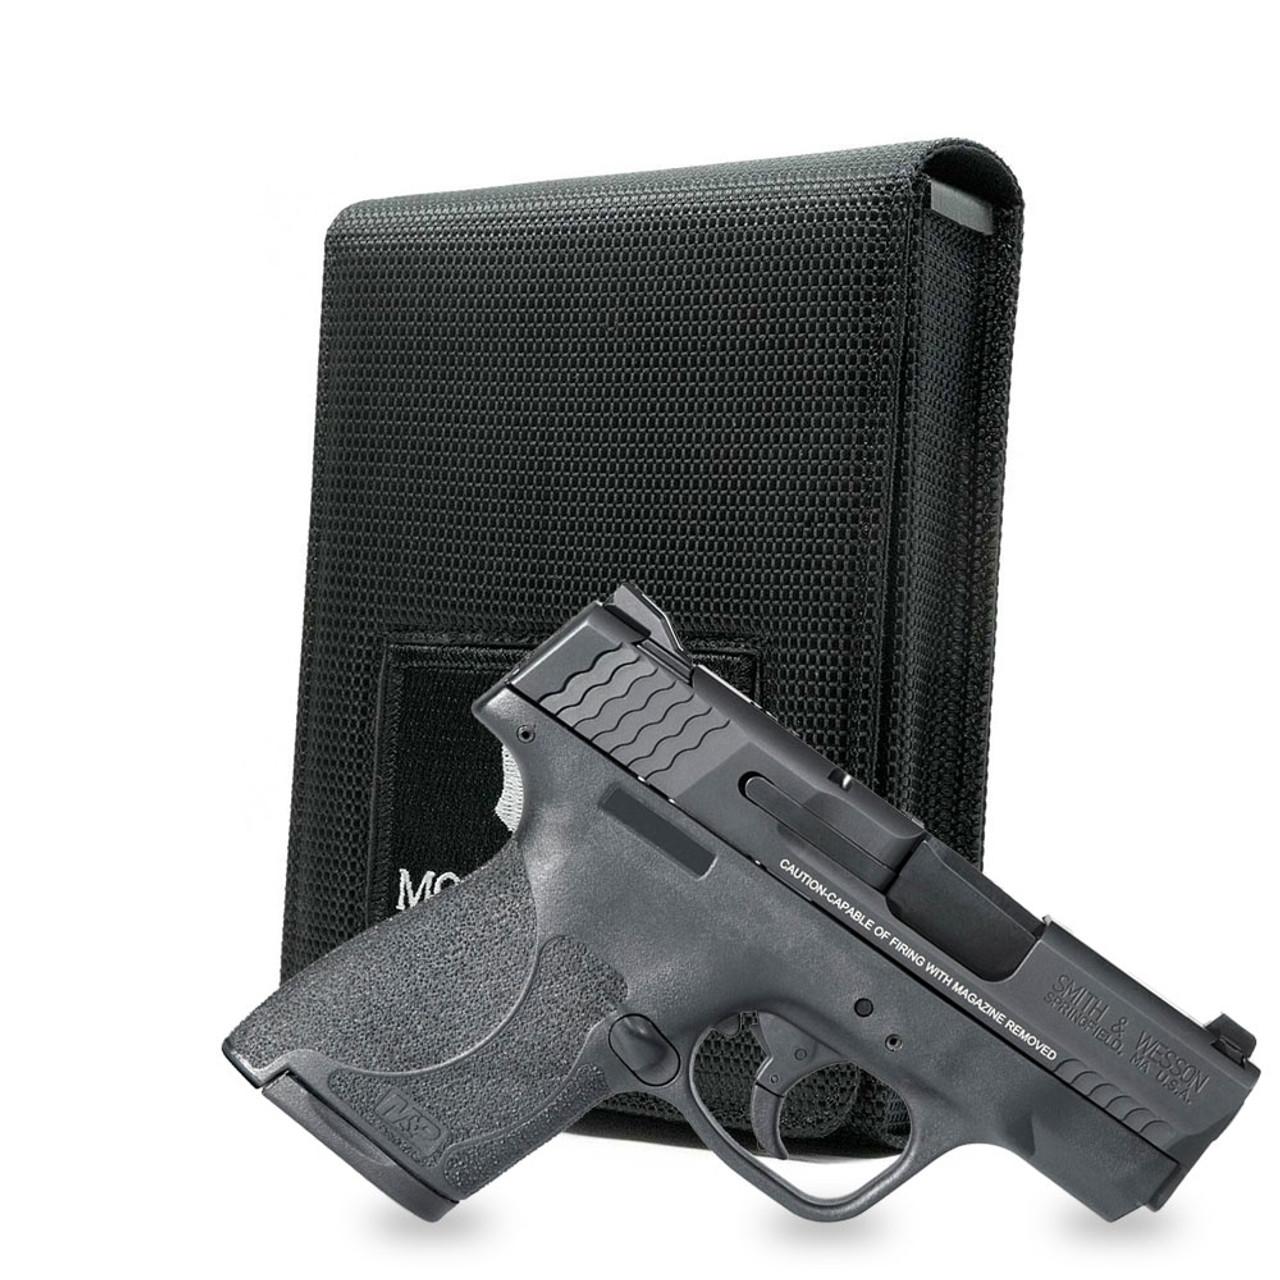 M&P Shield 9mm Molon Labe Holster